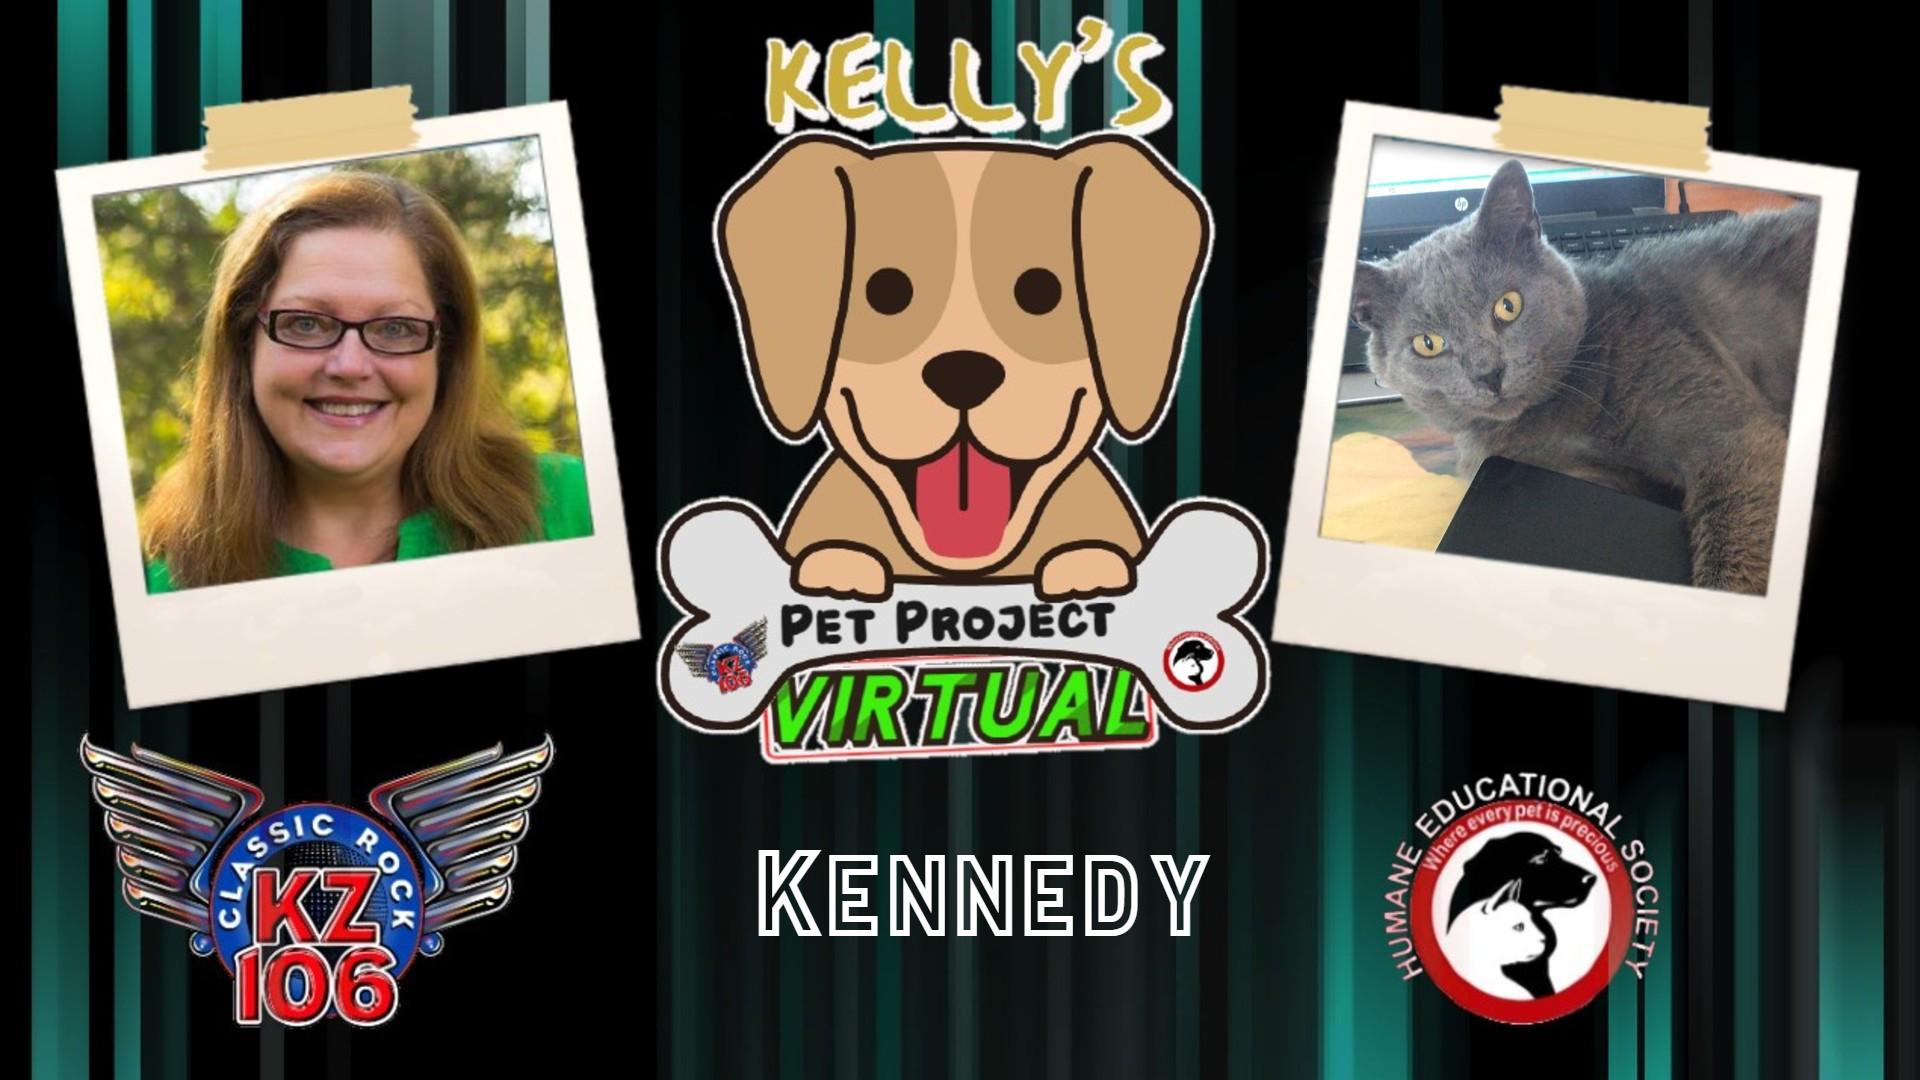 Kelly's Pet Project: Kennedy